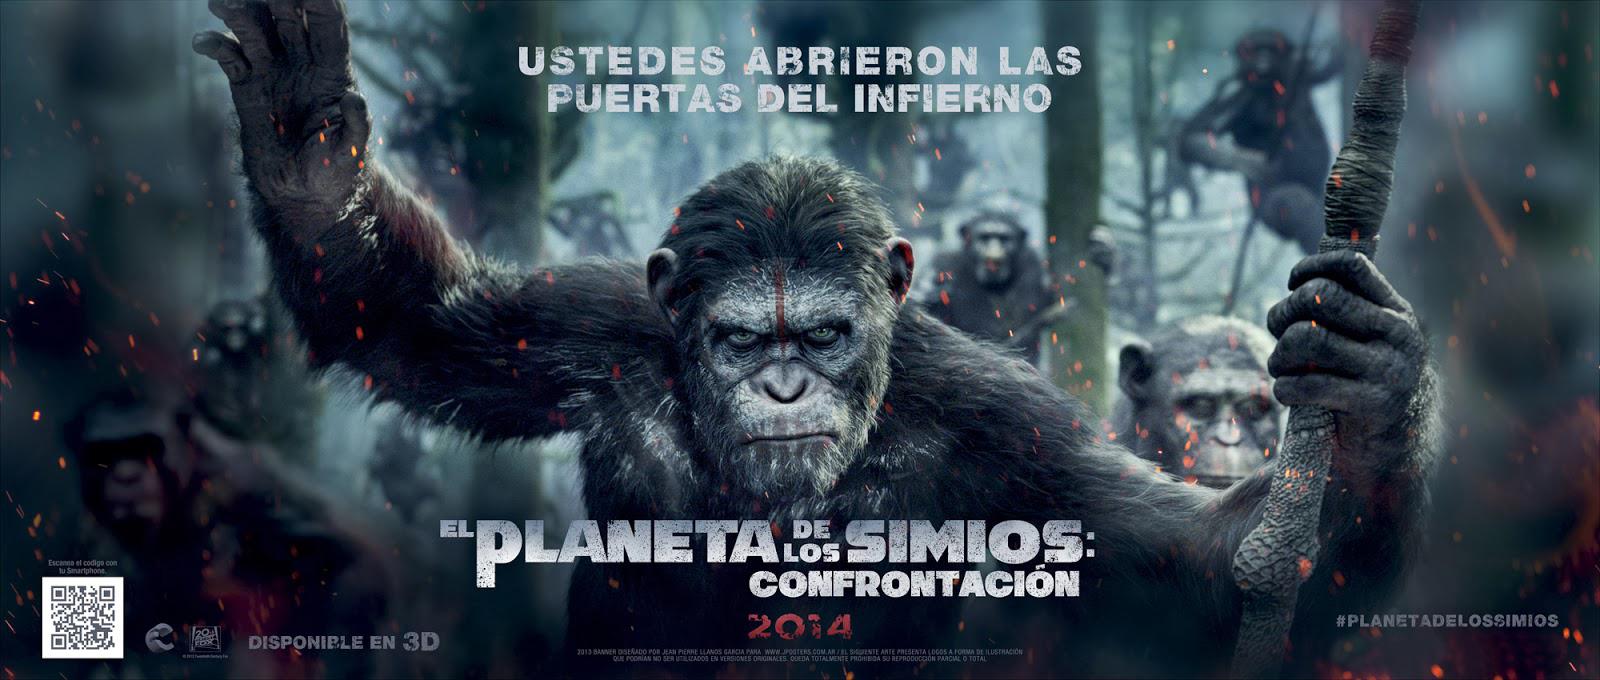 Порно видео планета обезьян 3d смотреть онлайн бесплатно и регистрации